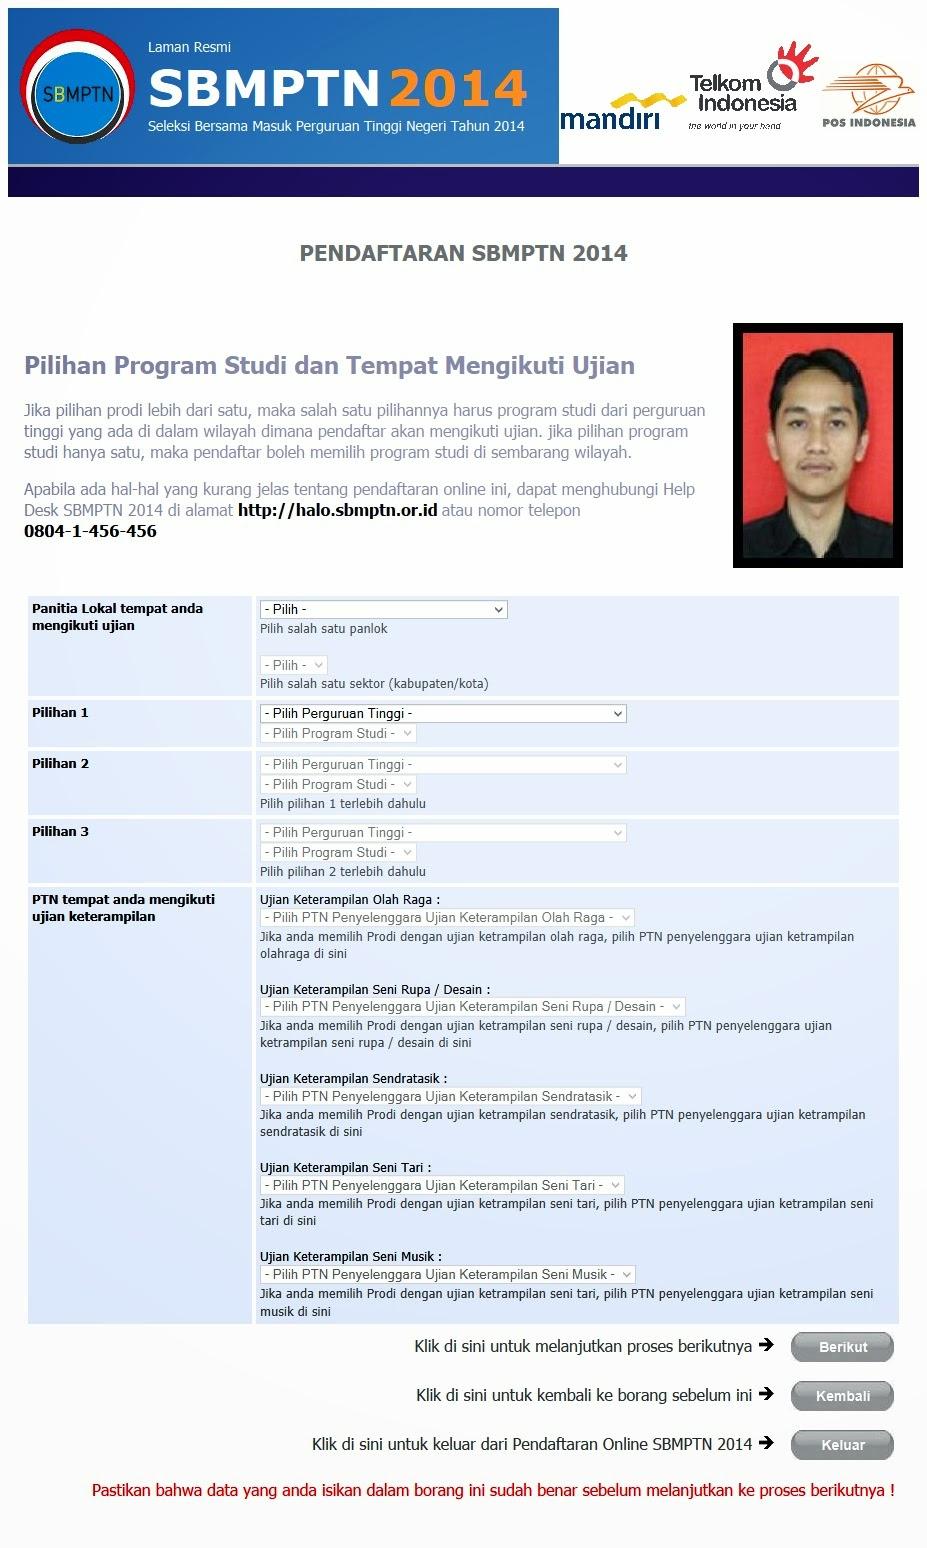 Contoh Tampilan Formulir Online Borang Pendaftaran